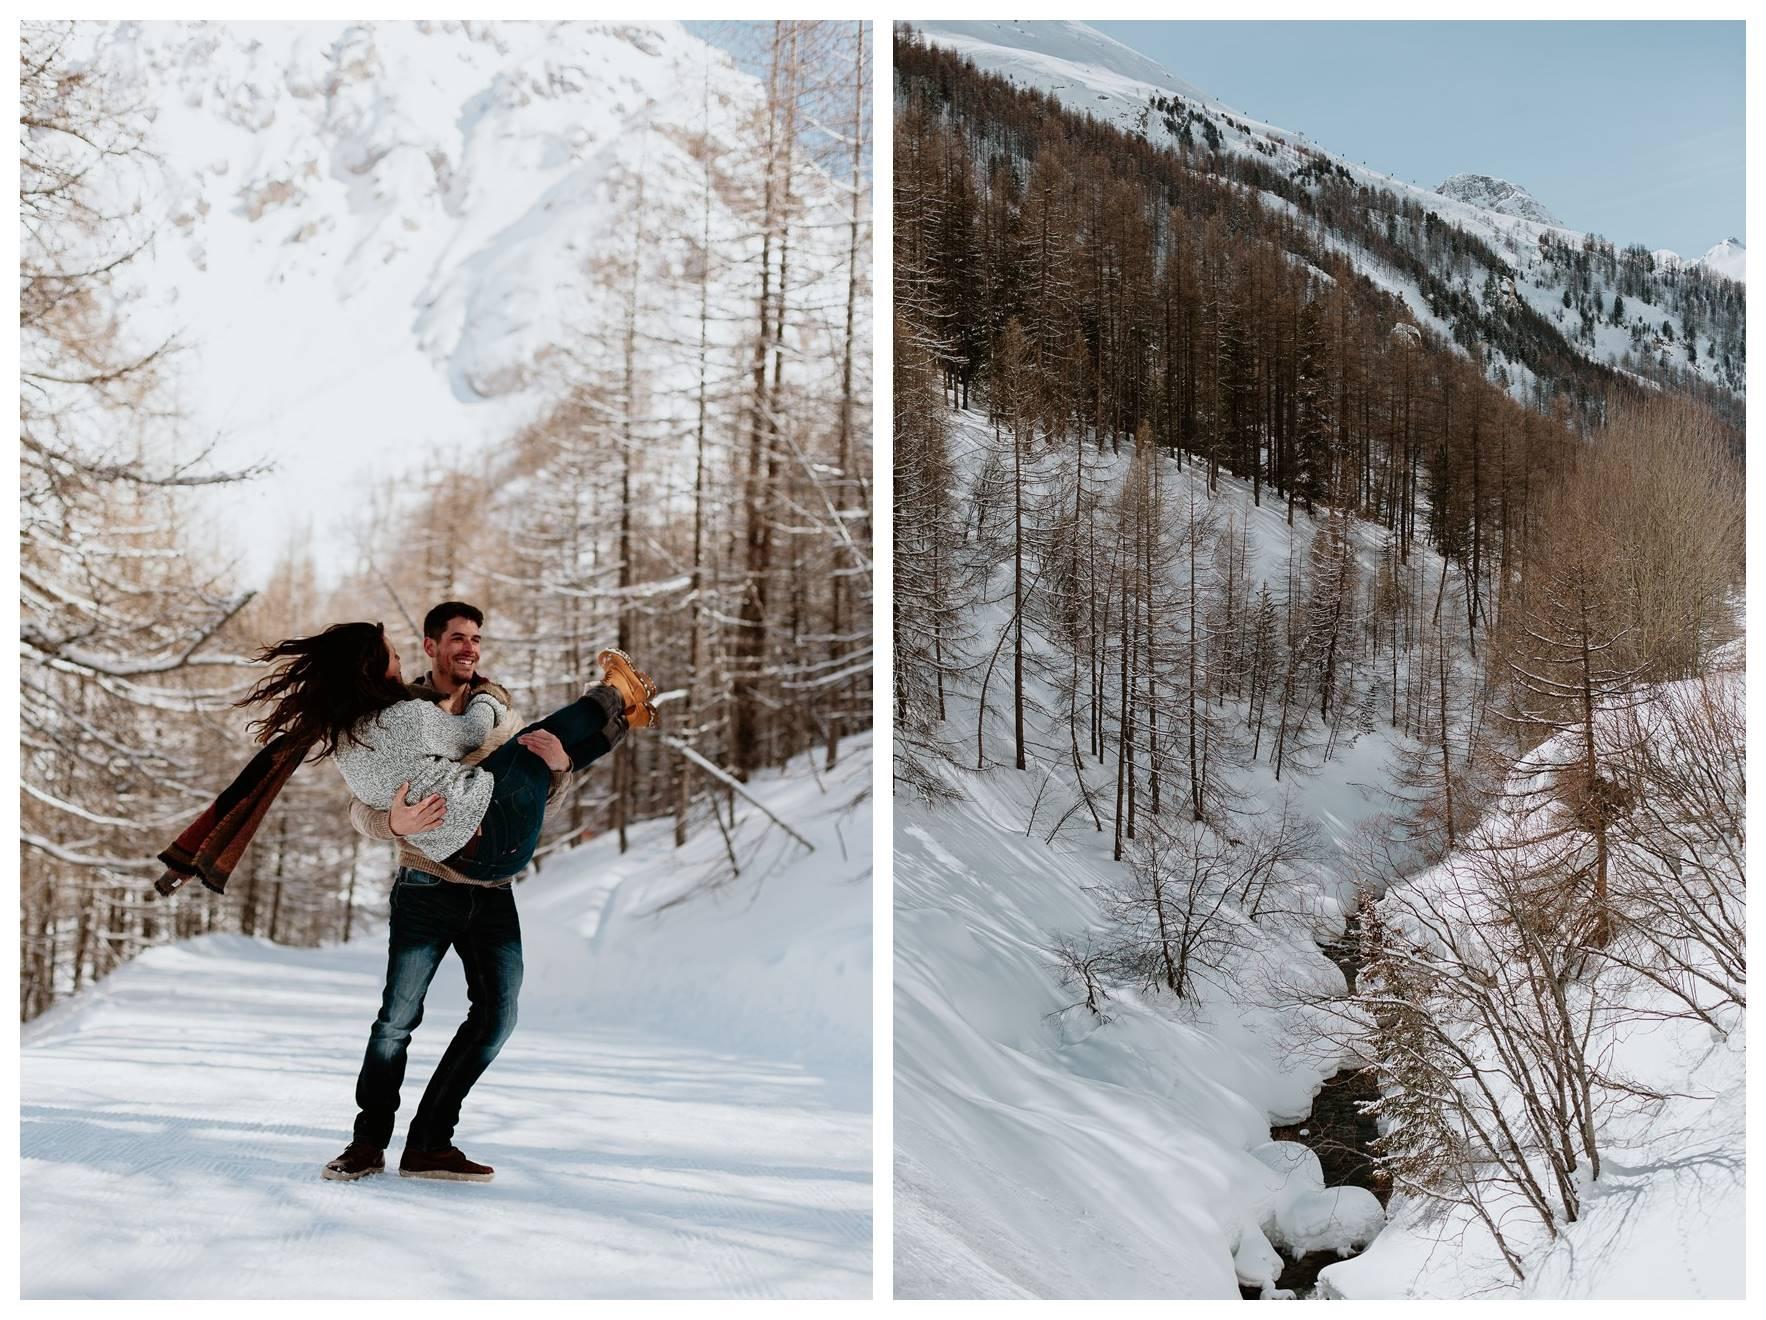 séance couple montagne jeux couple paysage